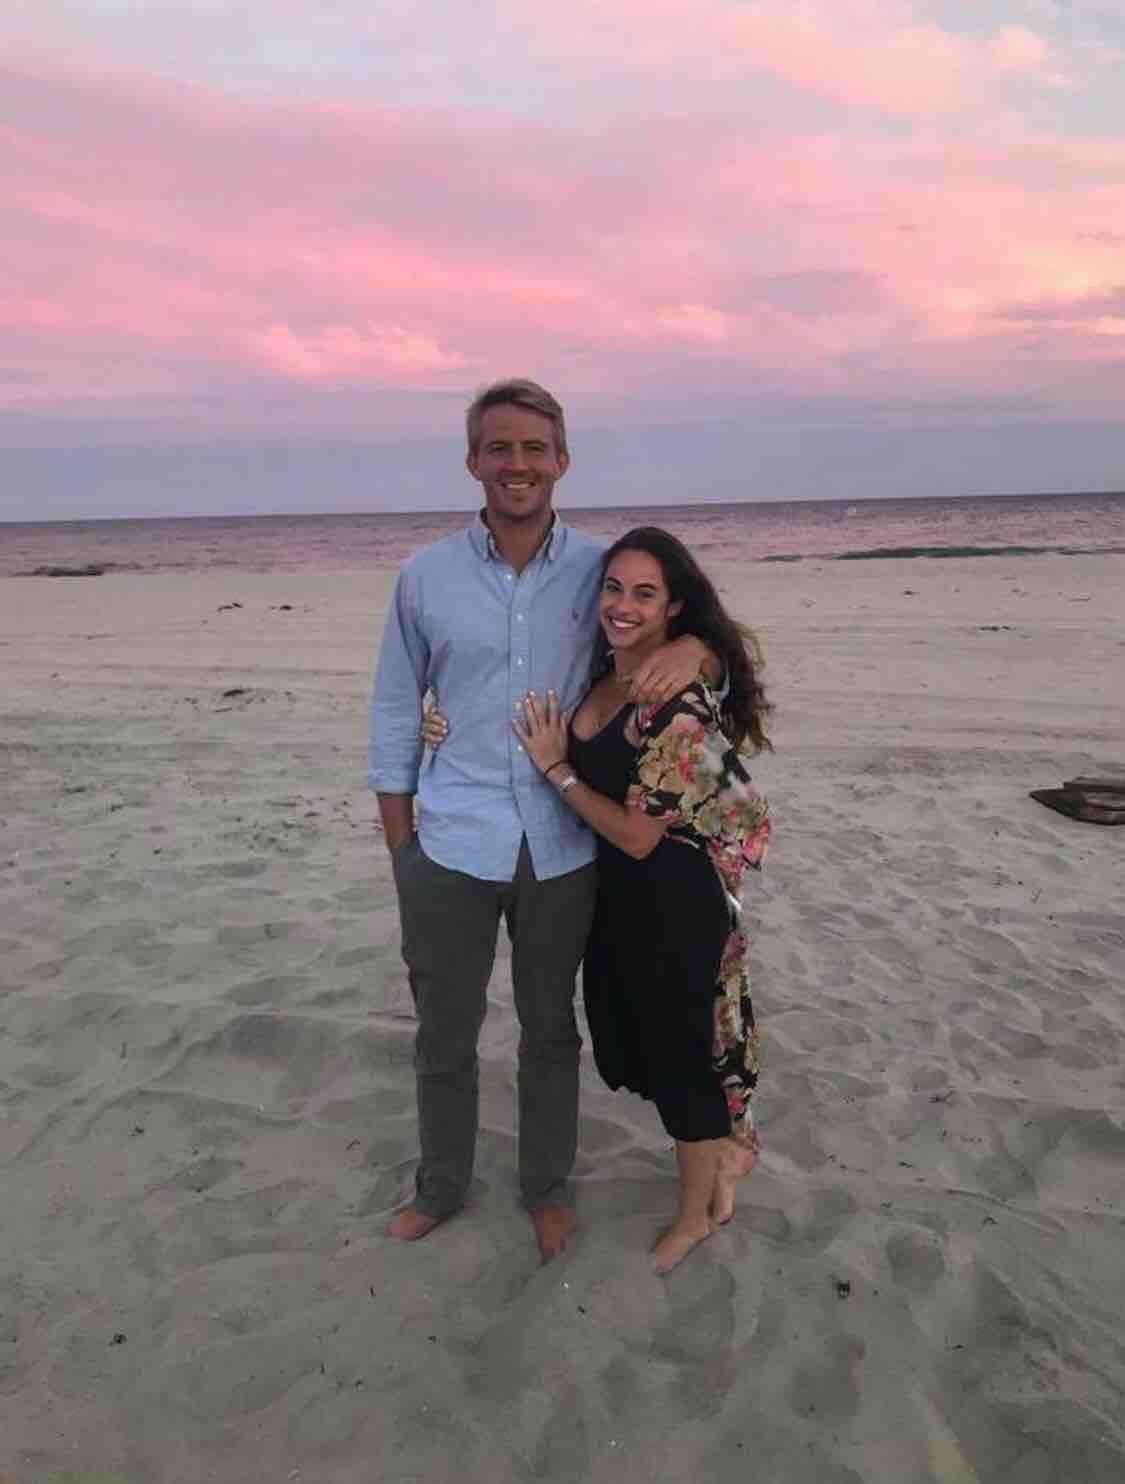 Ryan Marcil, 26, and Carlin Brightwell, 27